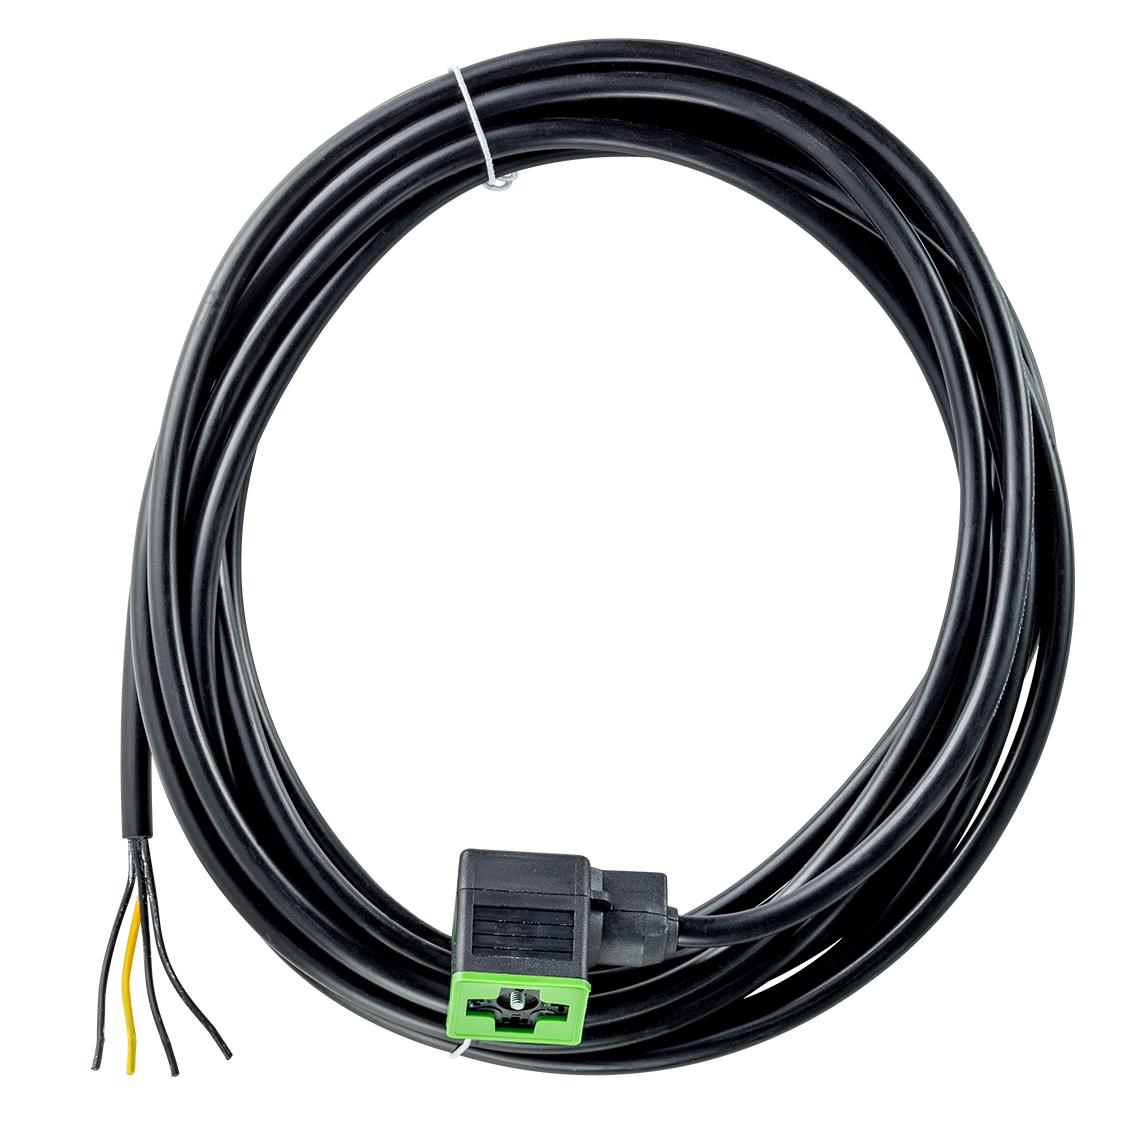 Anschlussleitung DLF/DPL - Stecker und Kabel 5 m Produktbild